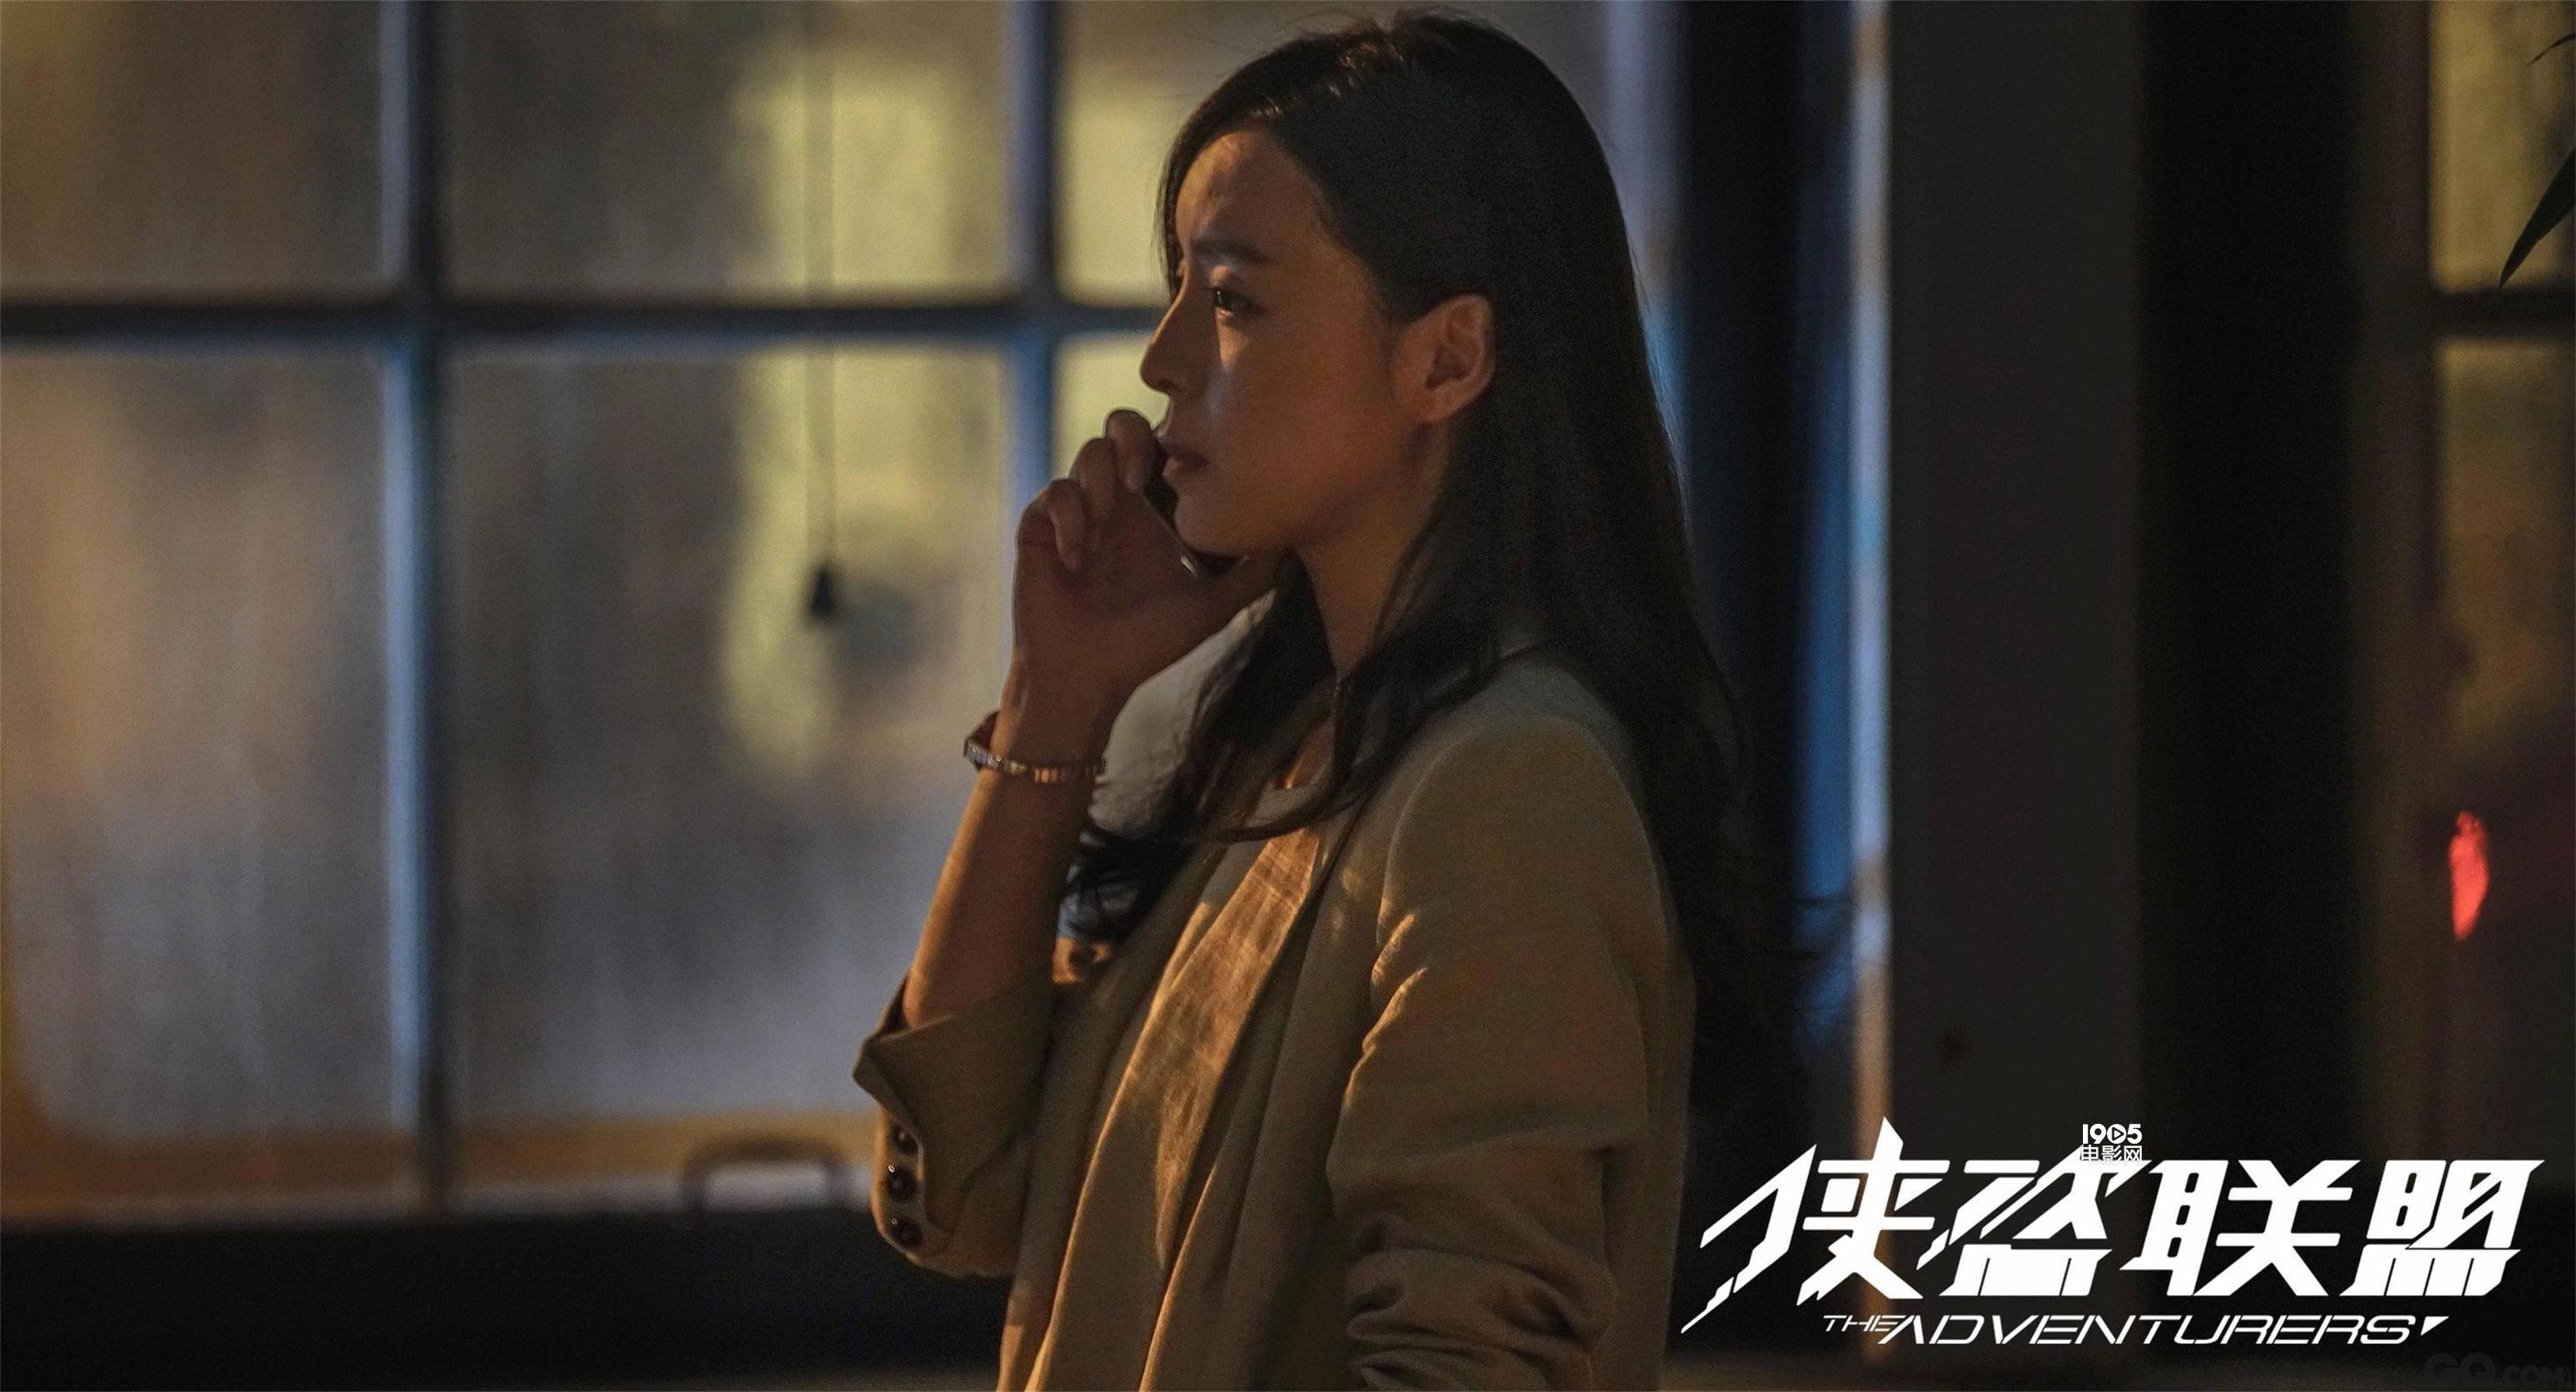 另外几位主演张静初、曾志伟与沙溢则在预告片中保持神秘。